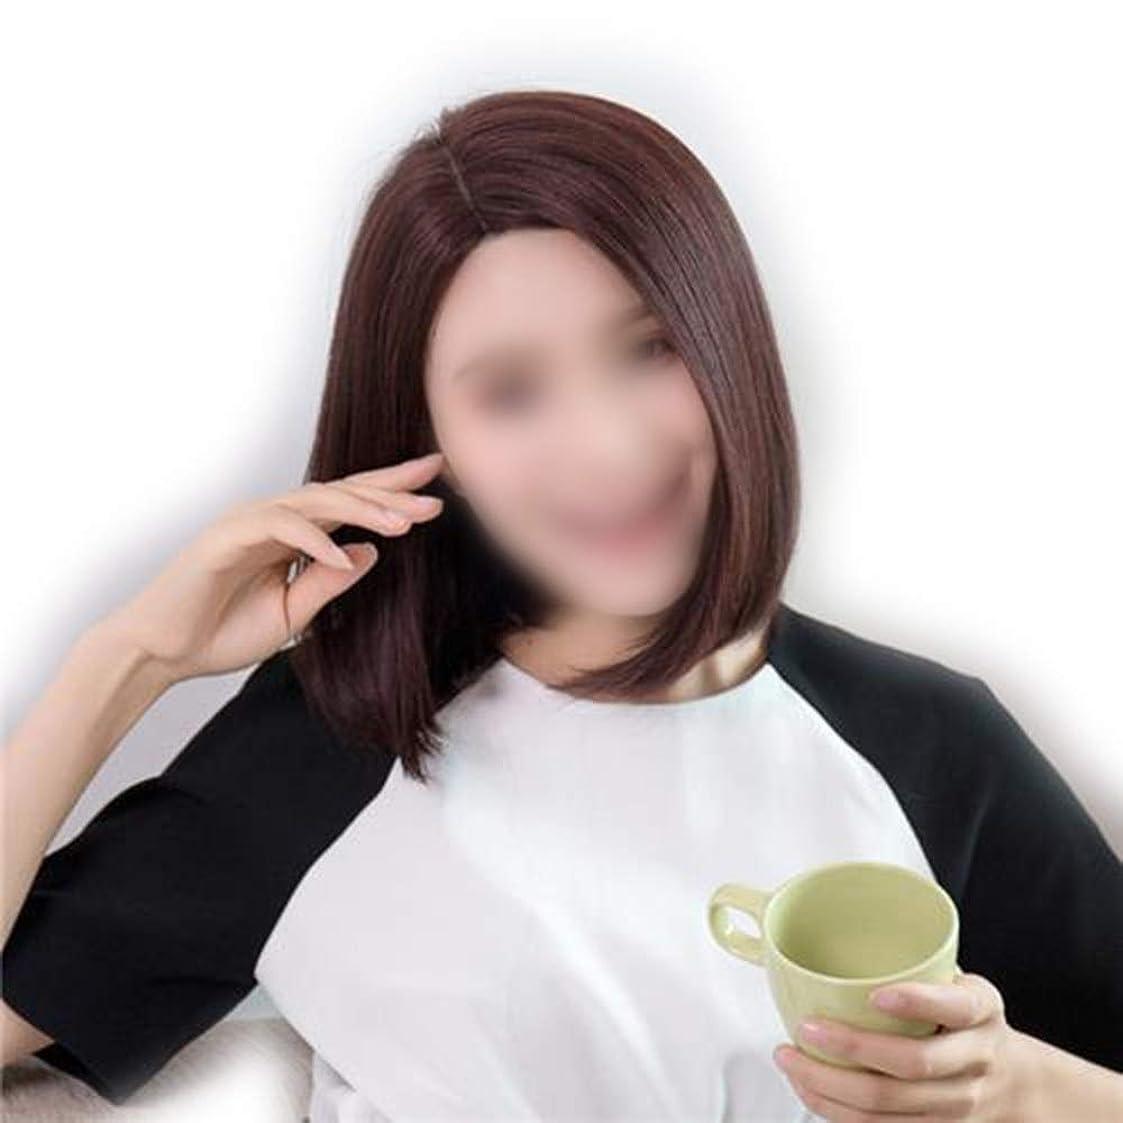 狂人みすぼらしいビートBOBIDYEE 女の子のボブショートヘアリアルヘアウィッグバックルミドルロングストレートヘアペアーヘッドウィッグファッションウィッグ (色 : Natural black)